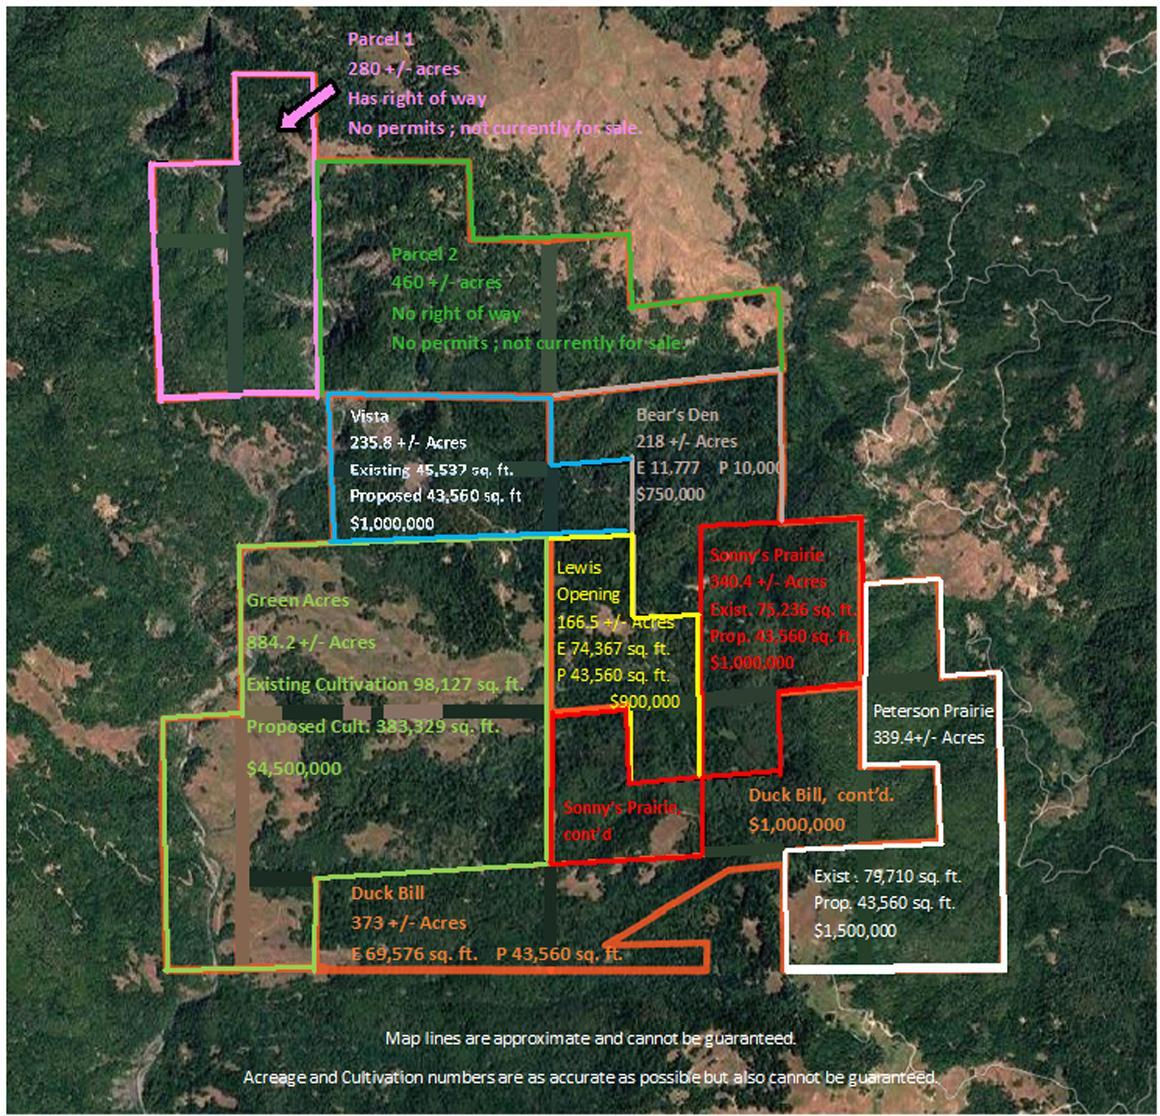 Ranch parcels map